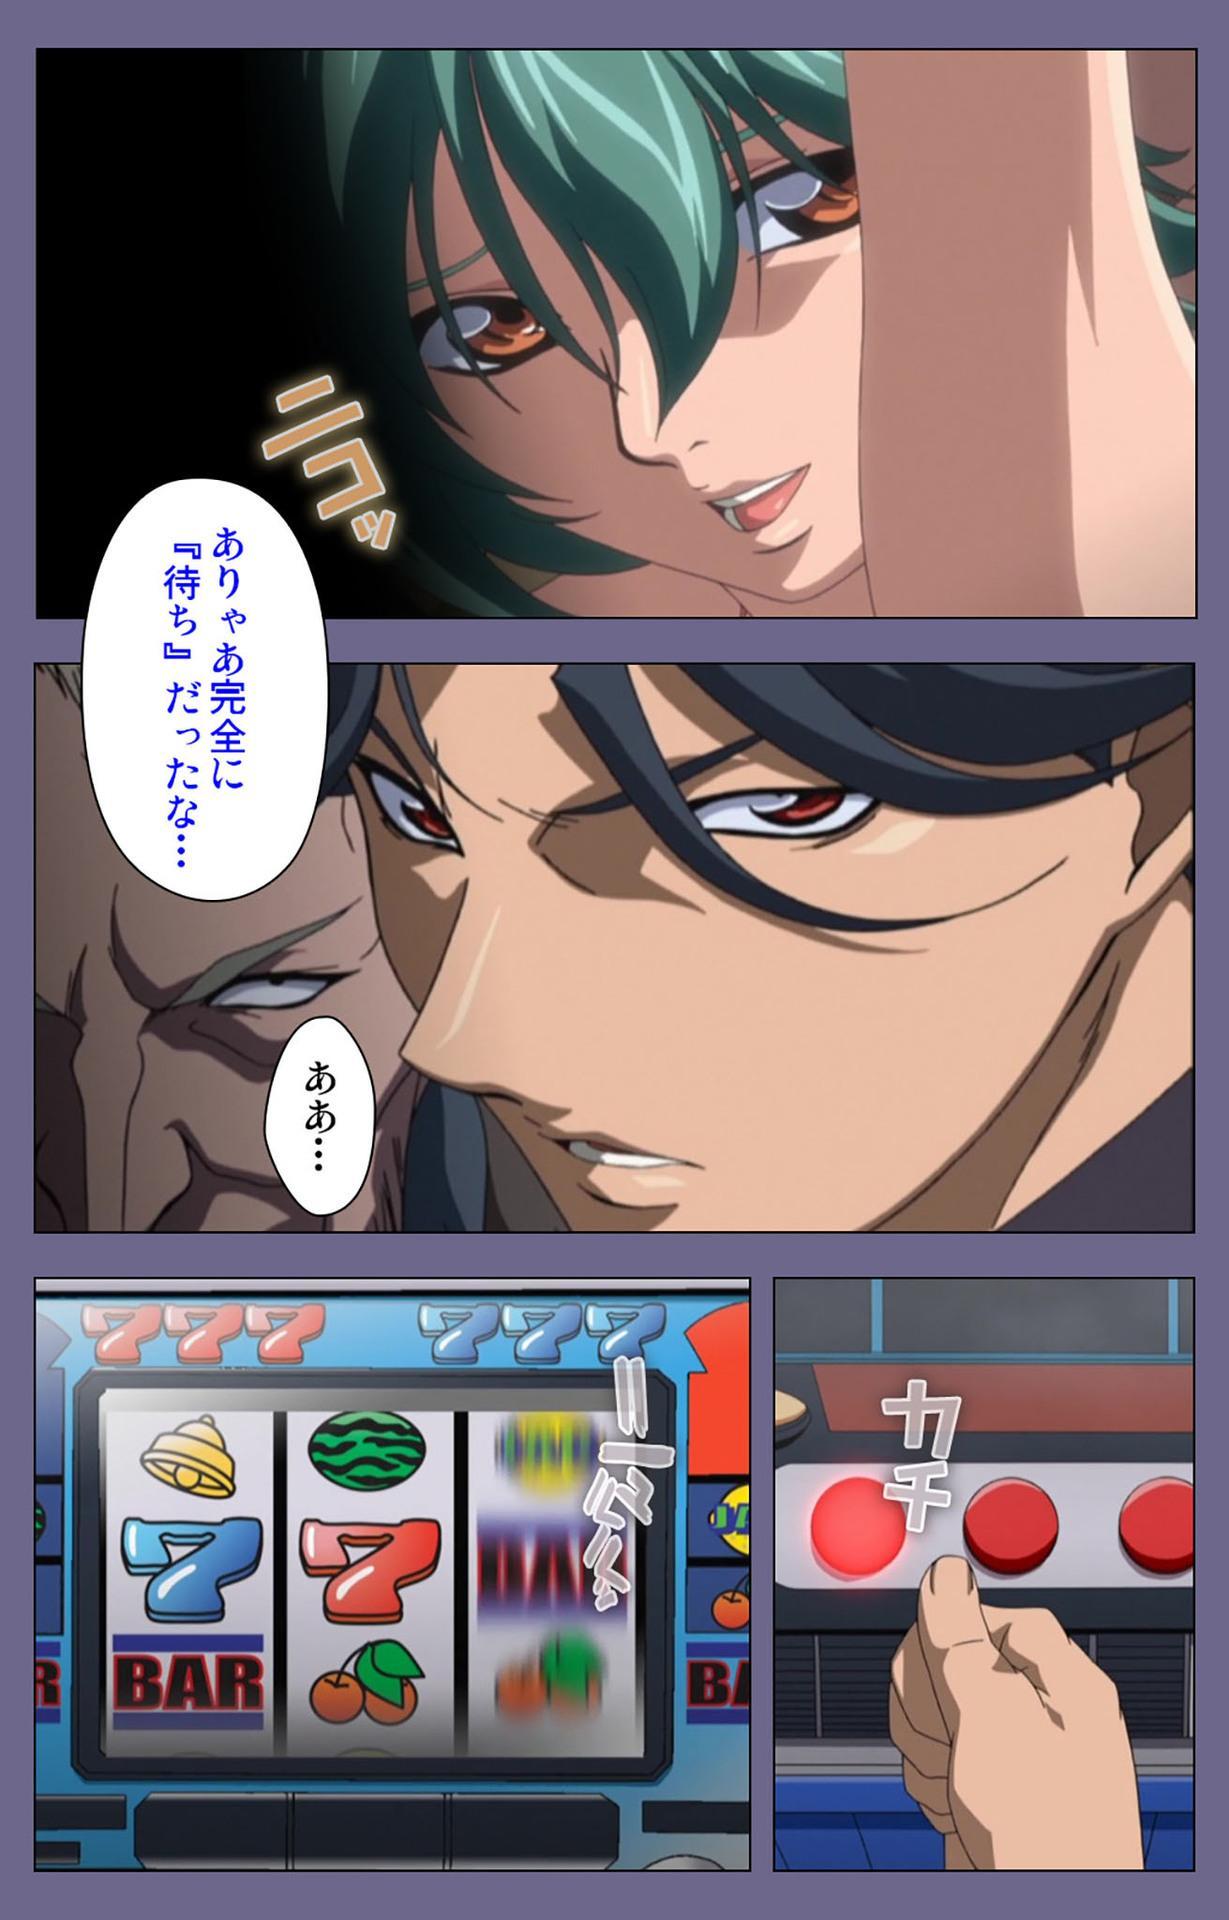 Itazura kanzenhan 145